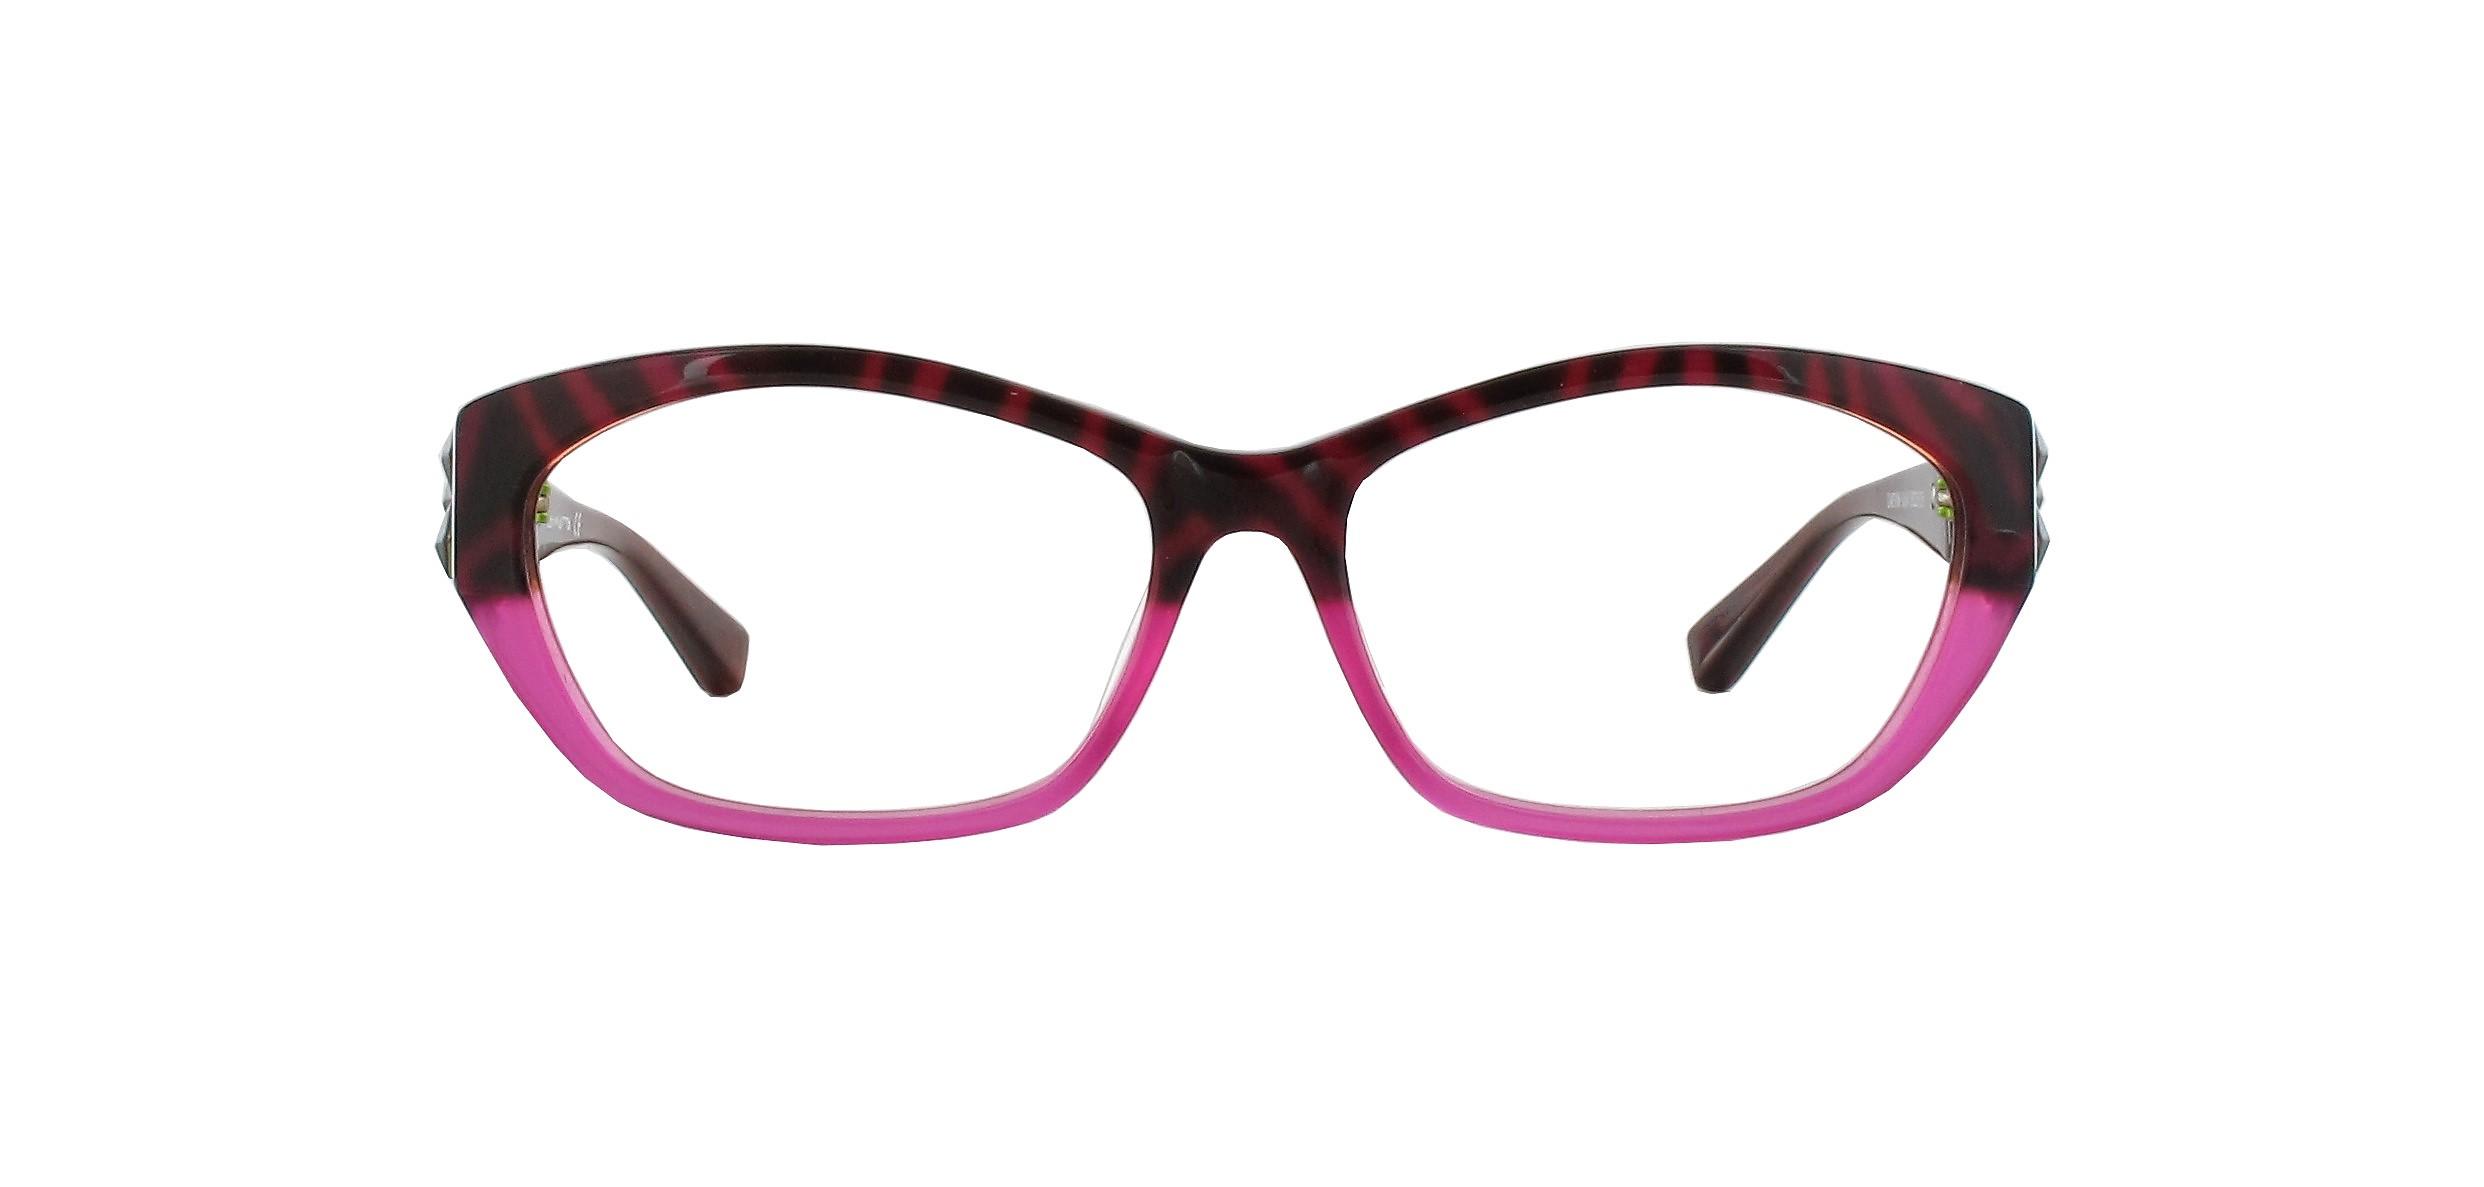 Damenbrillen - modisch und günstig | Robin Look - Der unverschämt ...